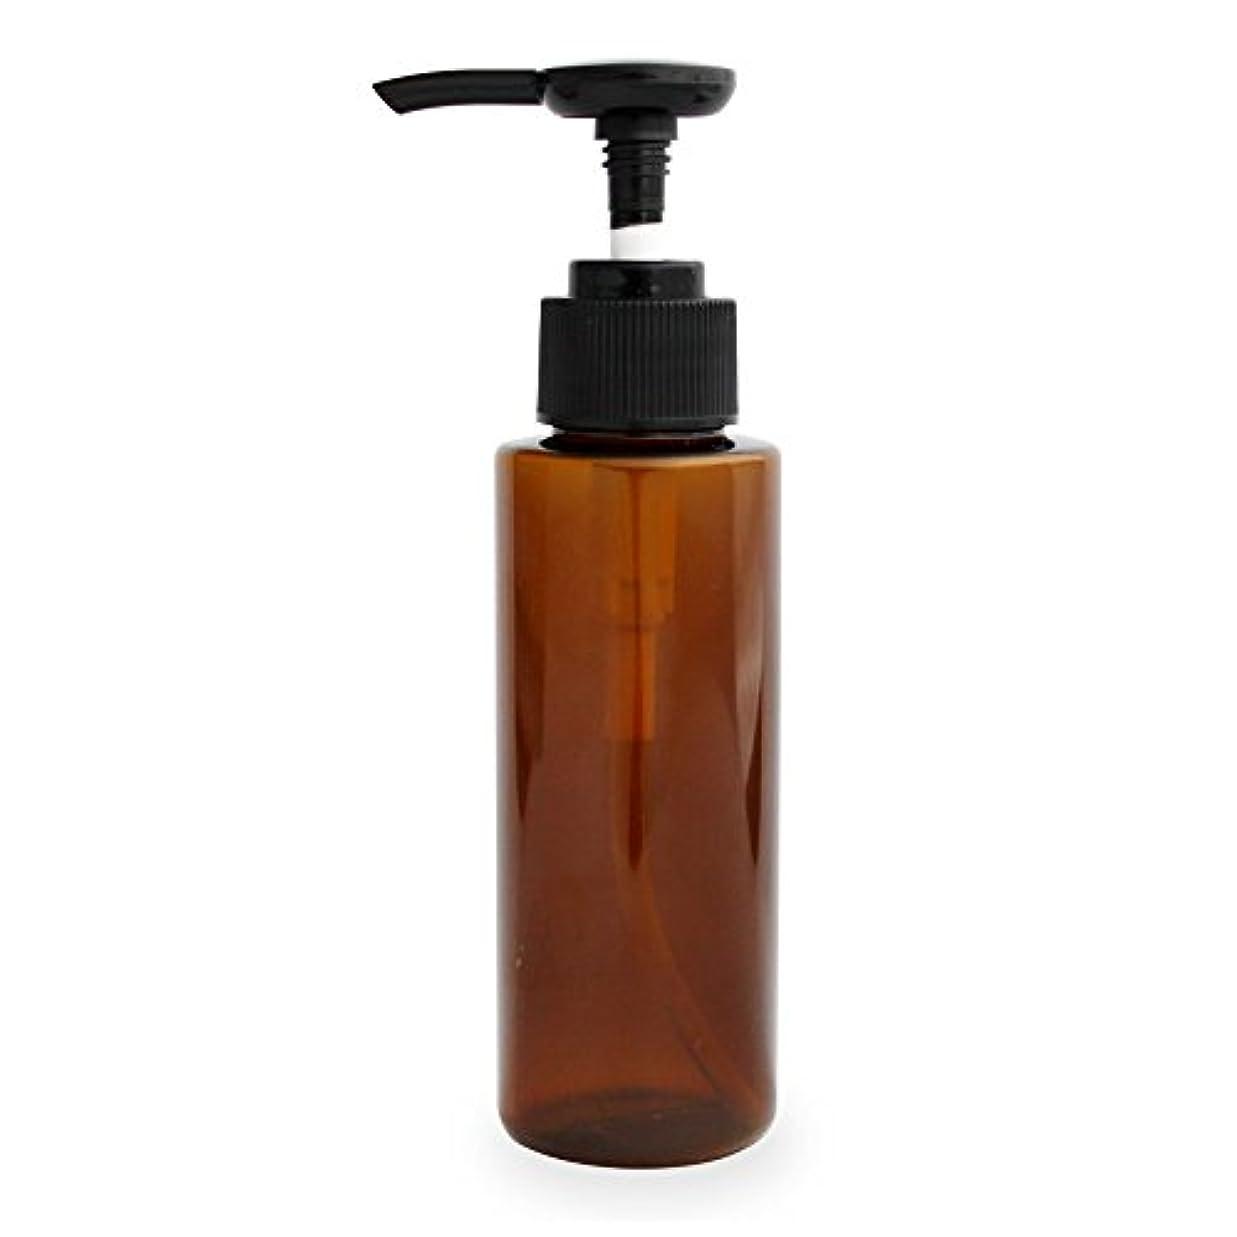 専制去るマエストロポンプボトル100ml (カラー:ブラウン/プッシュポンプ) PET プラスチック製